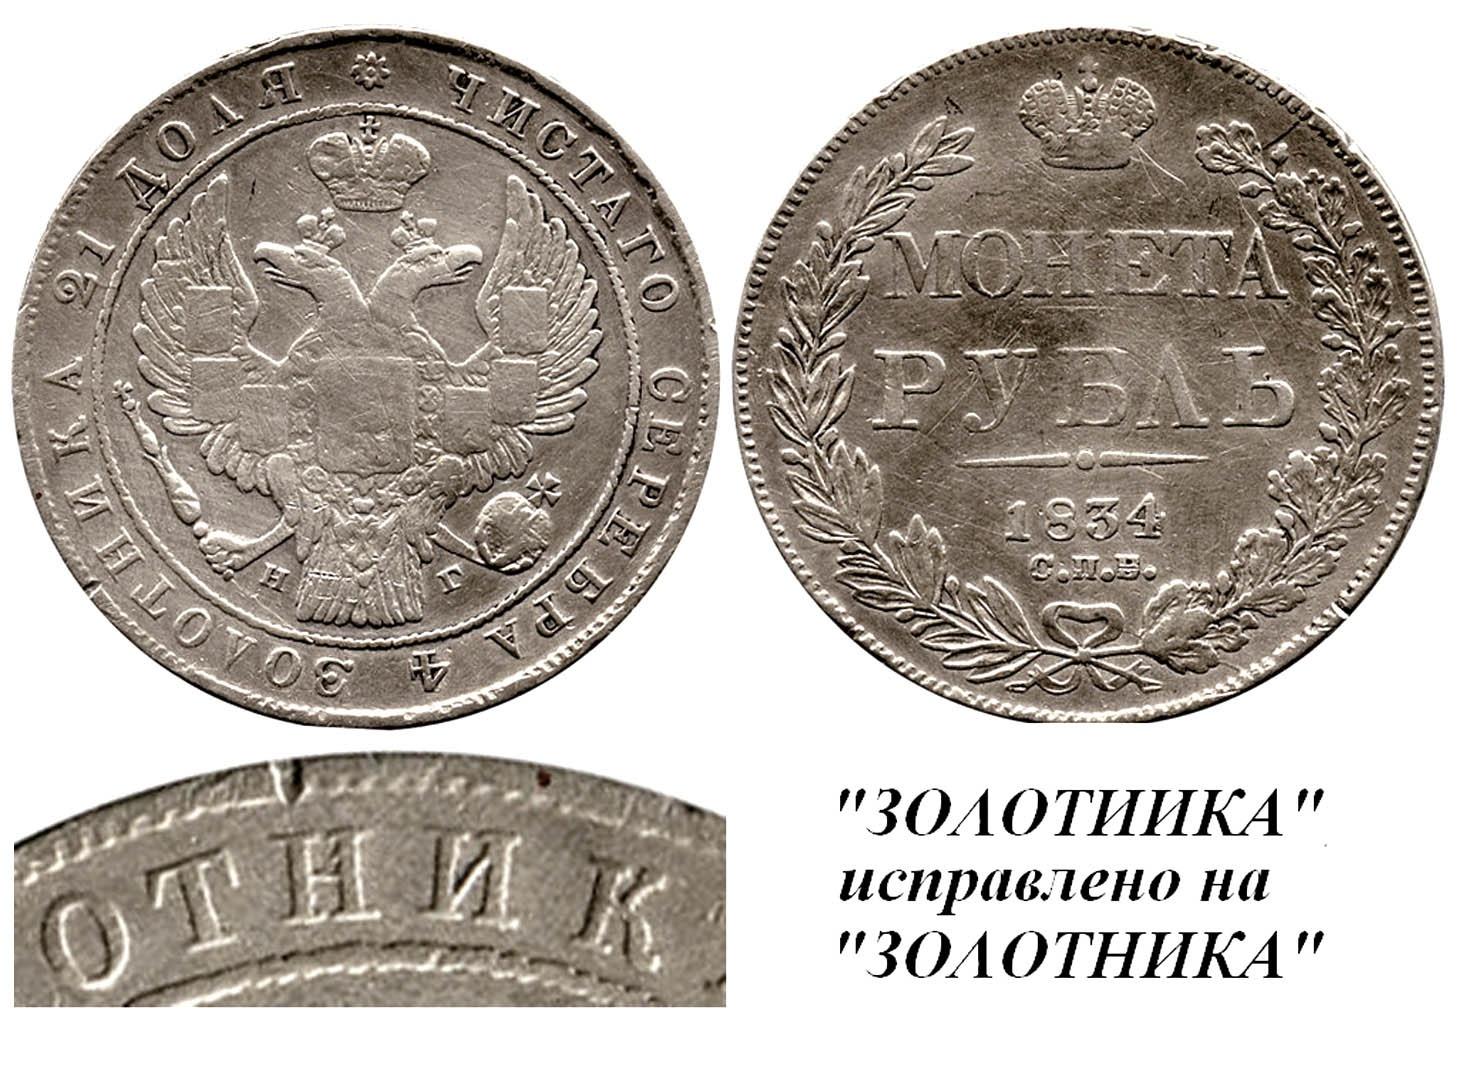 Рубль 1834 СПБ-НГ IIв Г - венок тип 1834 - коллекция.jpg